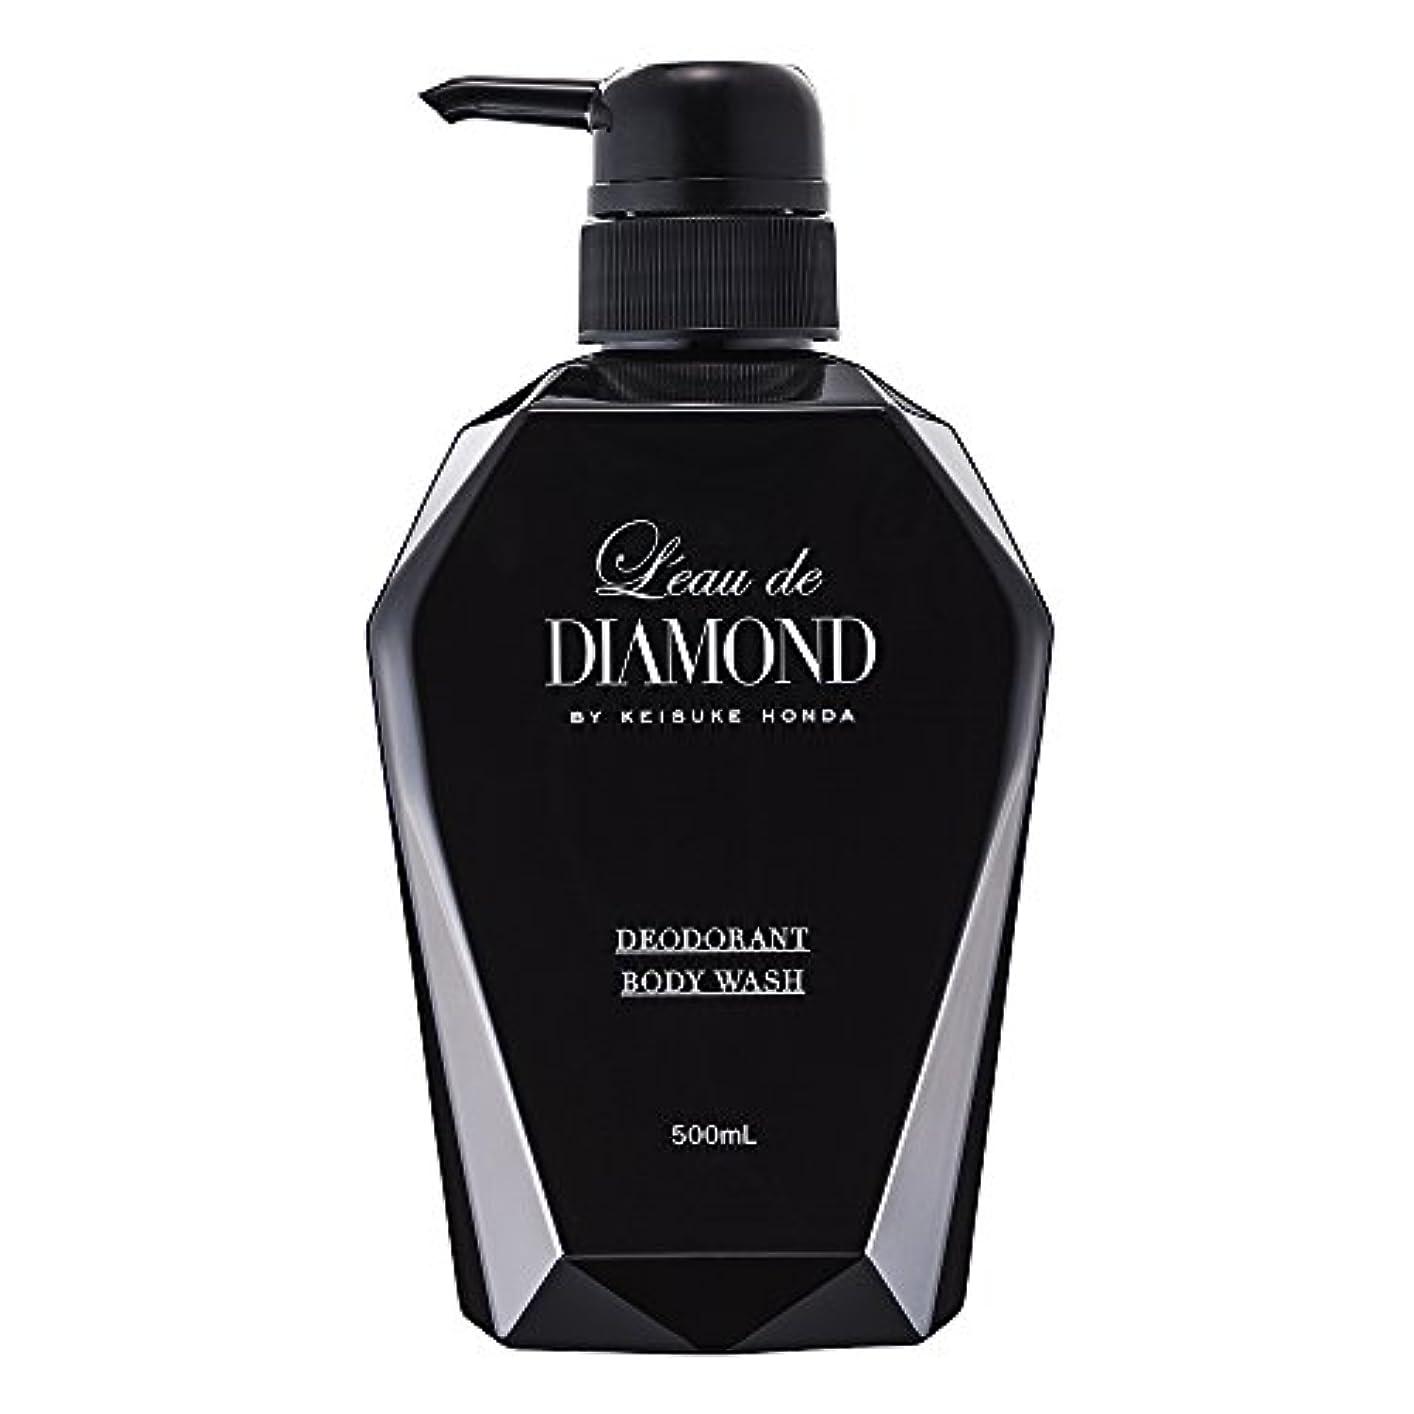 一見ビームみすぼらしいロードダイアモンド 薬用デオドラントボディウォッシュ 500ml